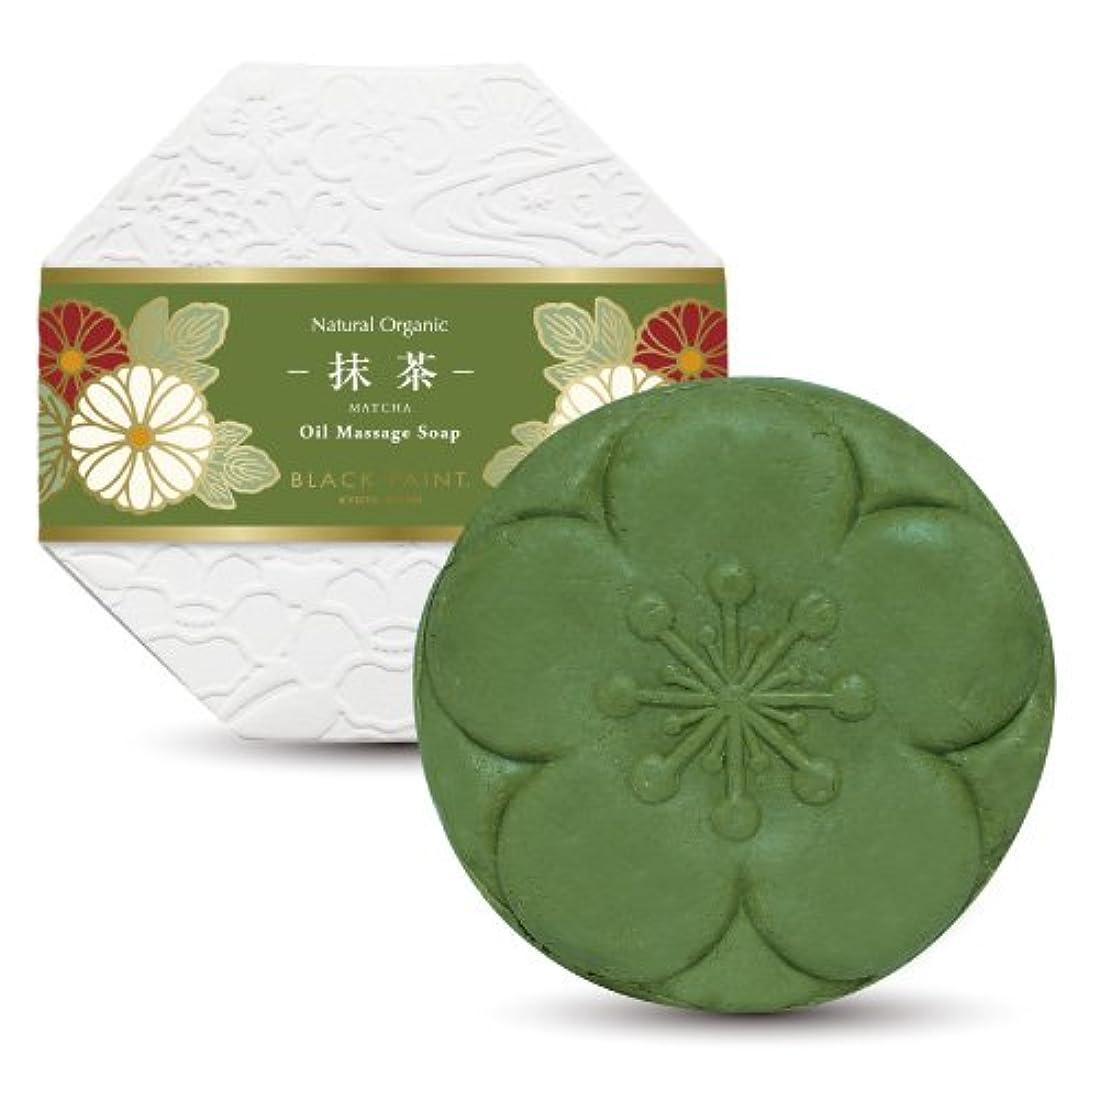 キャメル箱ニコチン京のお茶石鹸 抹茶 120g 塗る石鹸